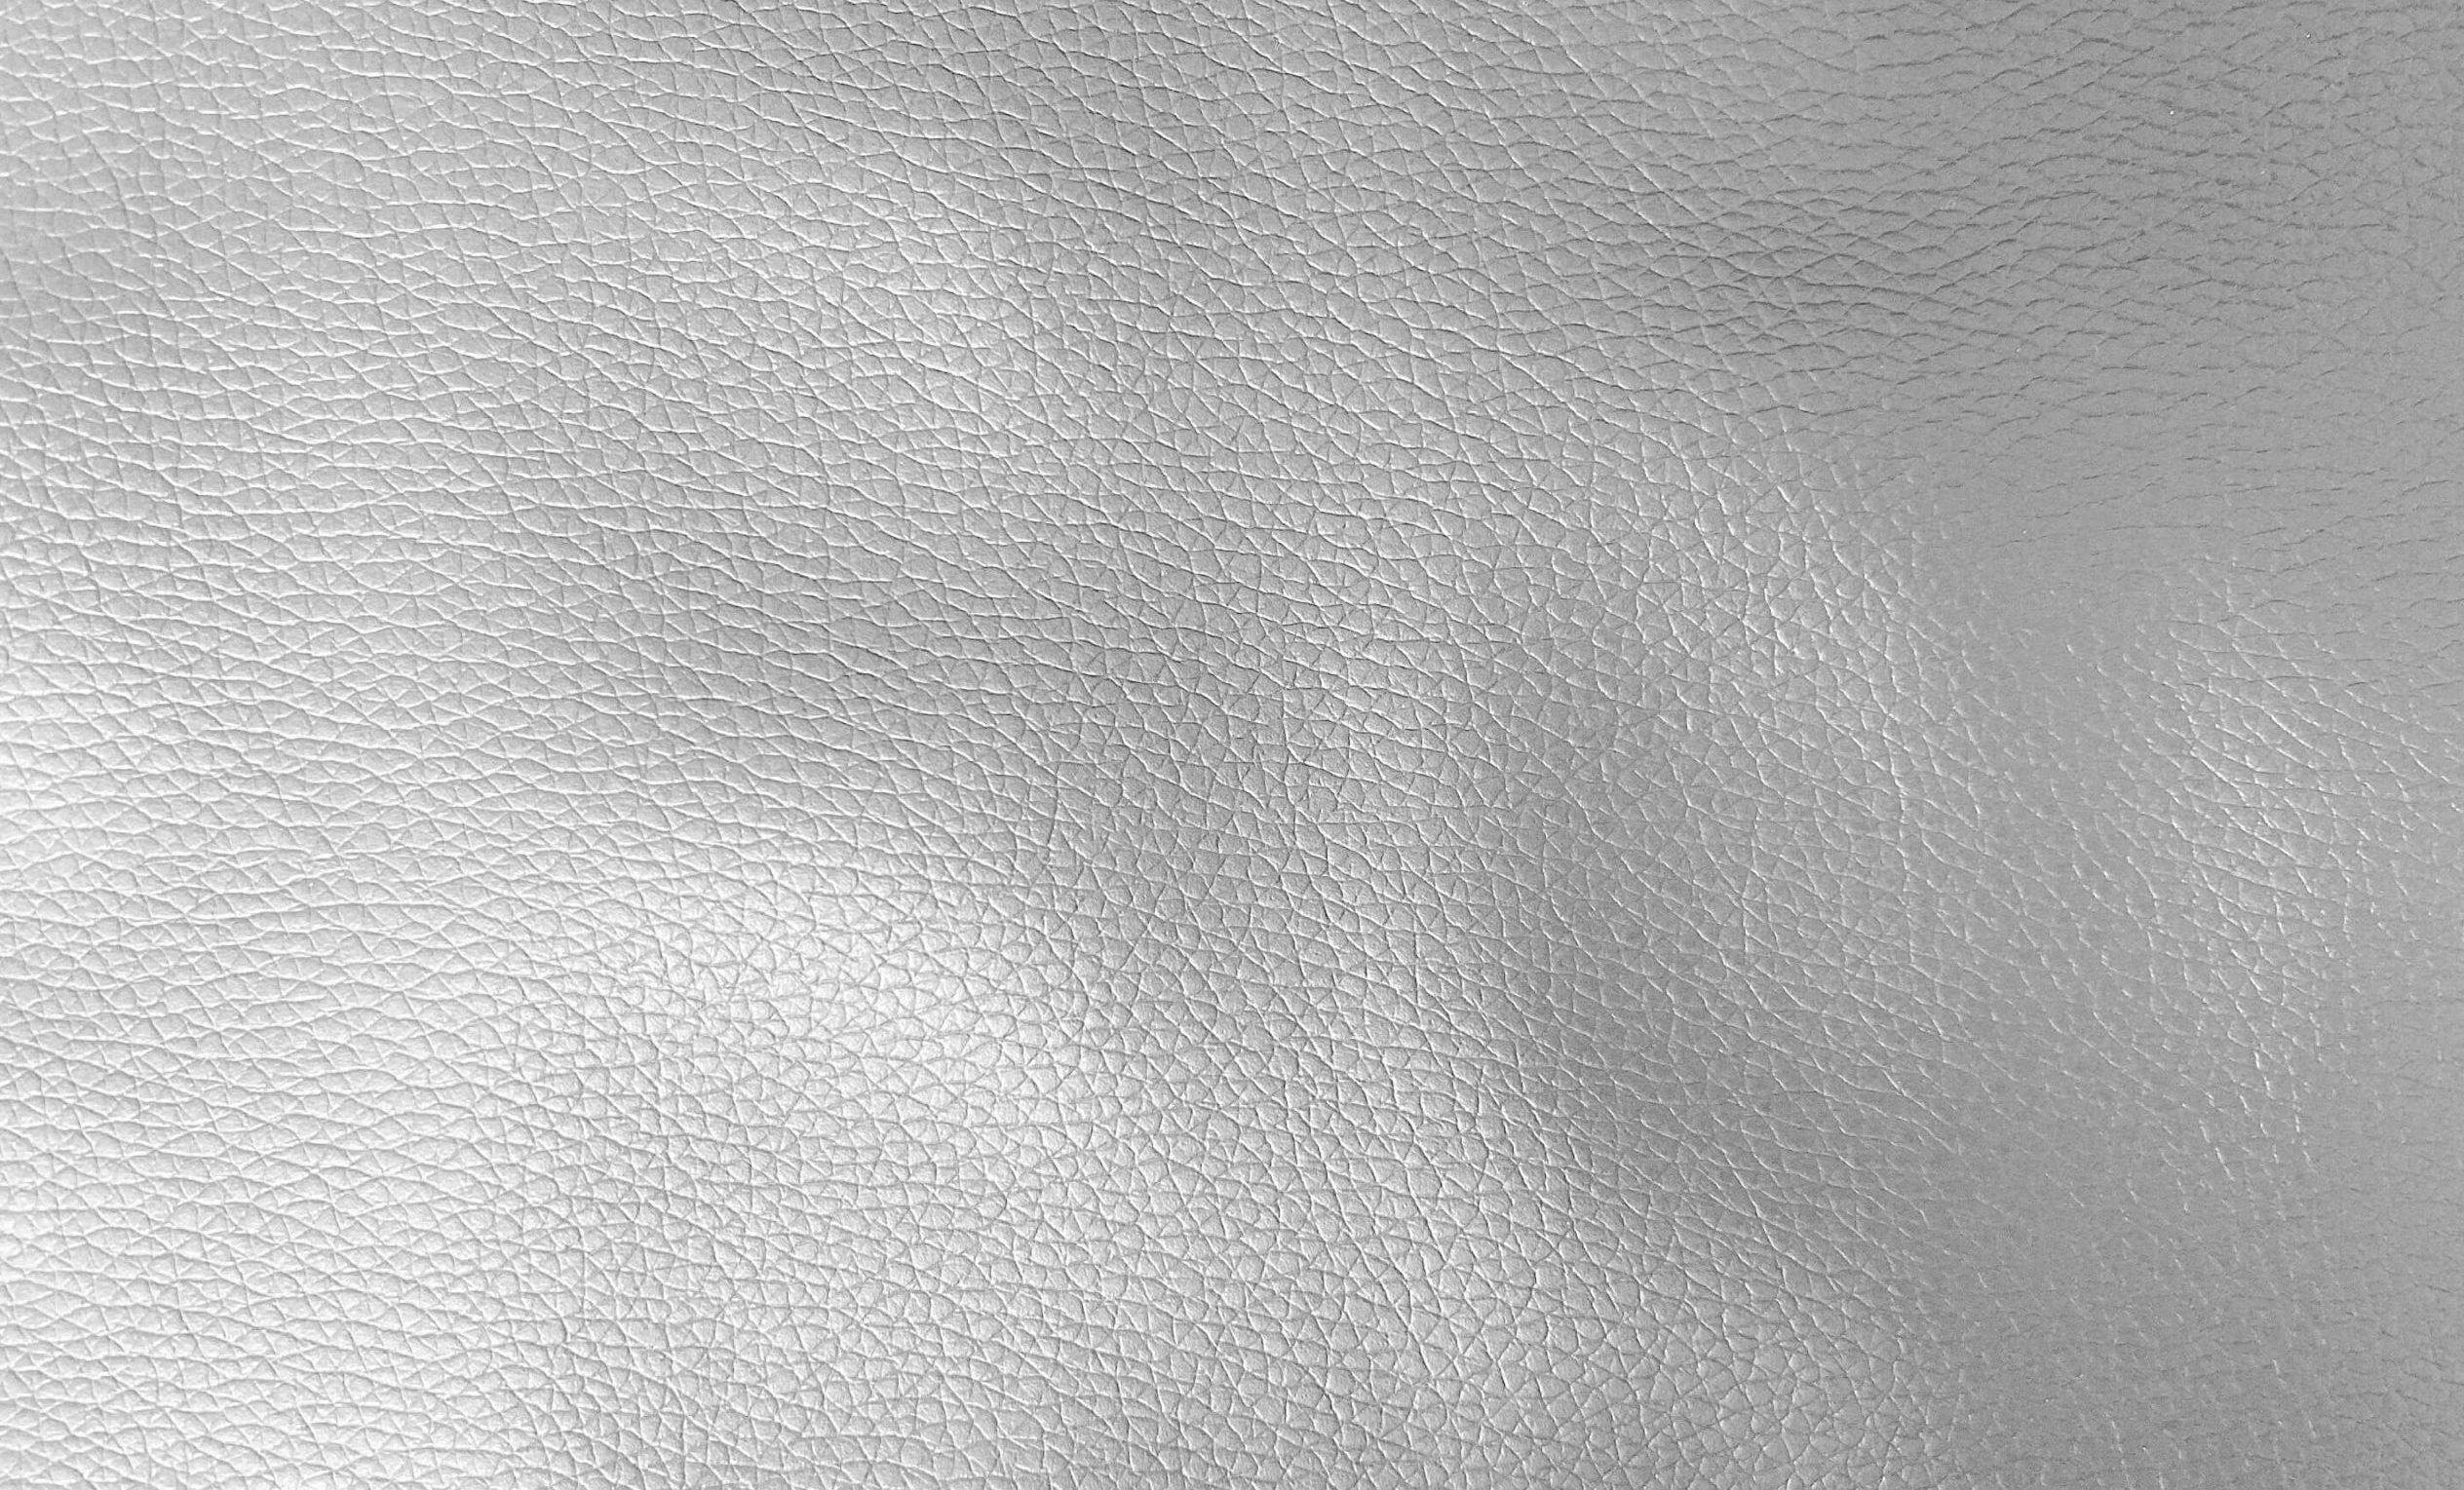 ダイソーのフェイクレザーの凹凸